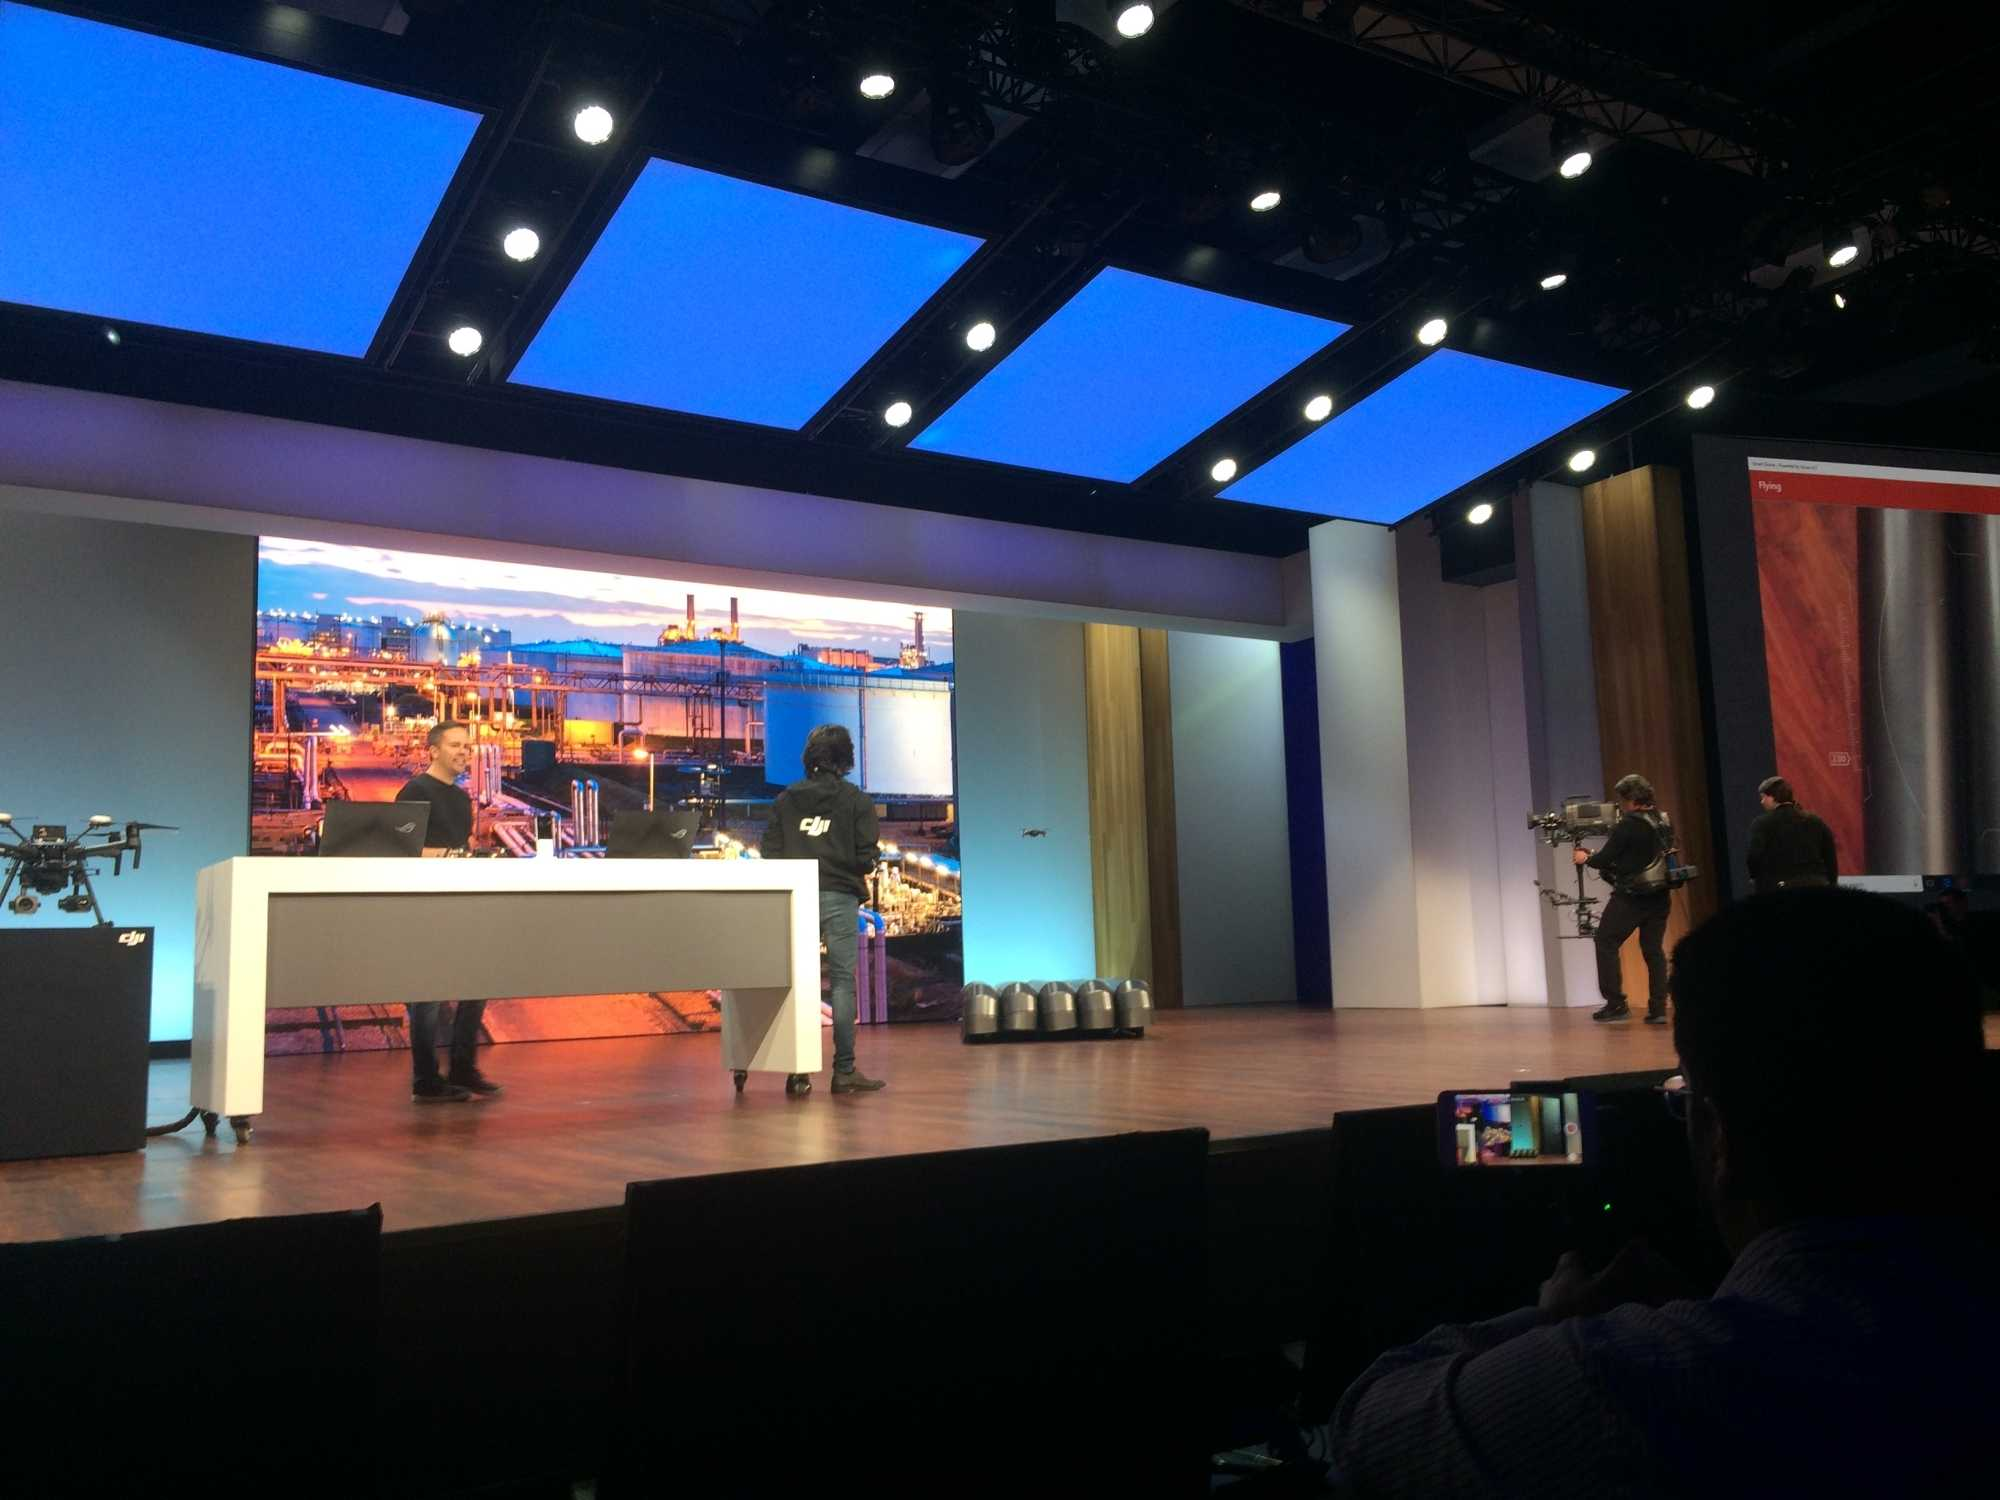 Microsoft und DJI zeigen, wie Bilderkennung mit dem neuen SDK in der Praxis funktioniert.